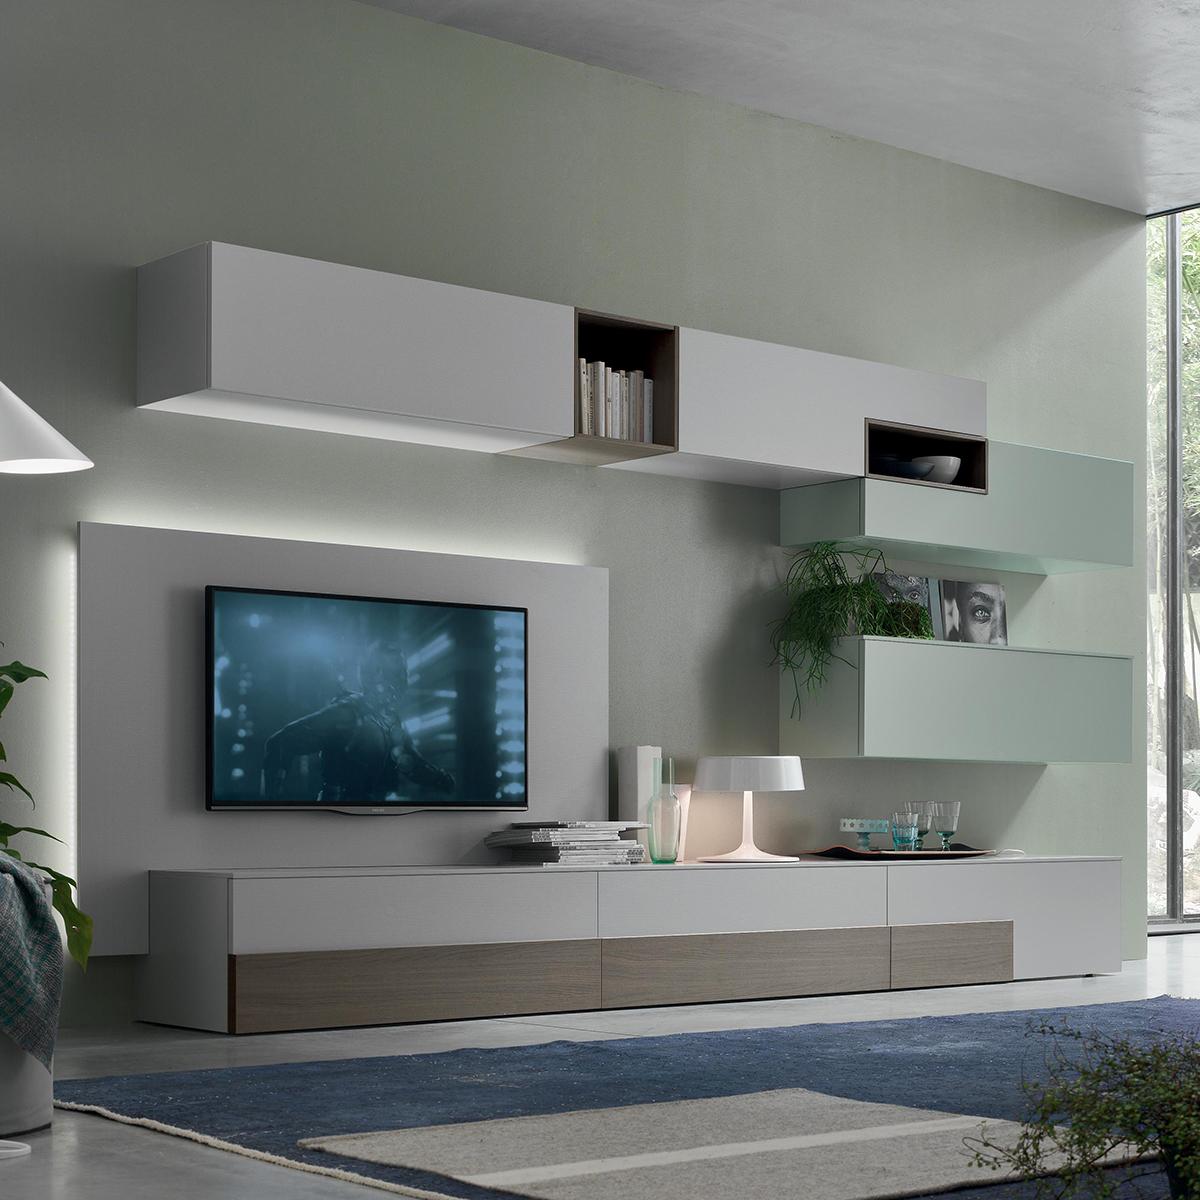 Seta sa1556 mobile soggiorno moderno componibile l 352 2 for Mobile da soggiorno moderno